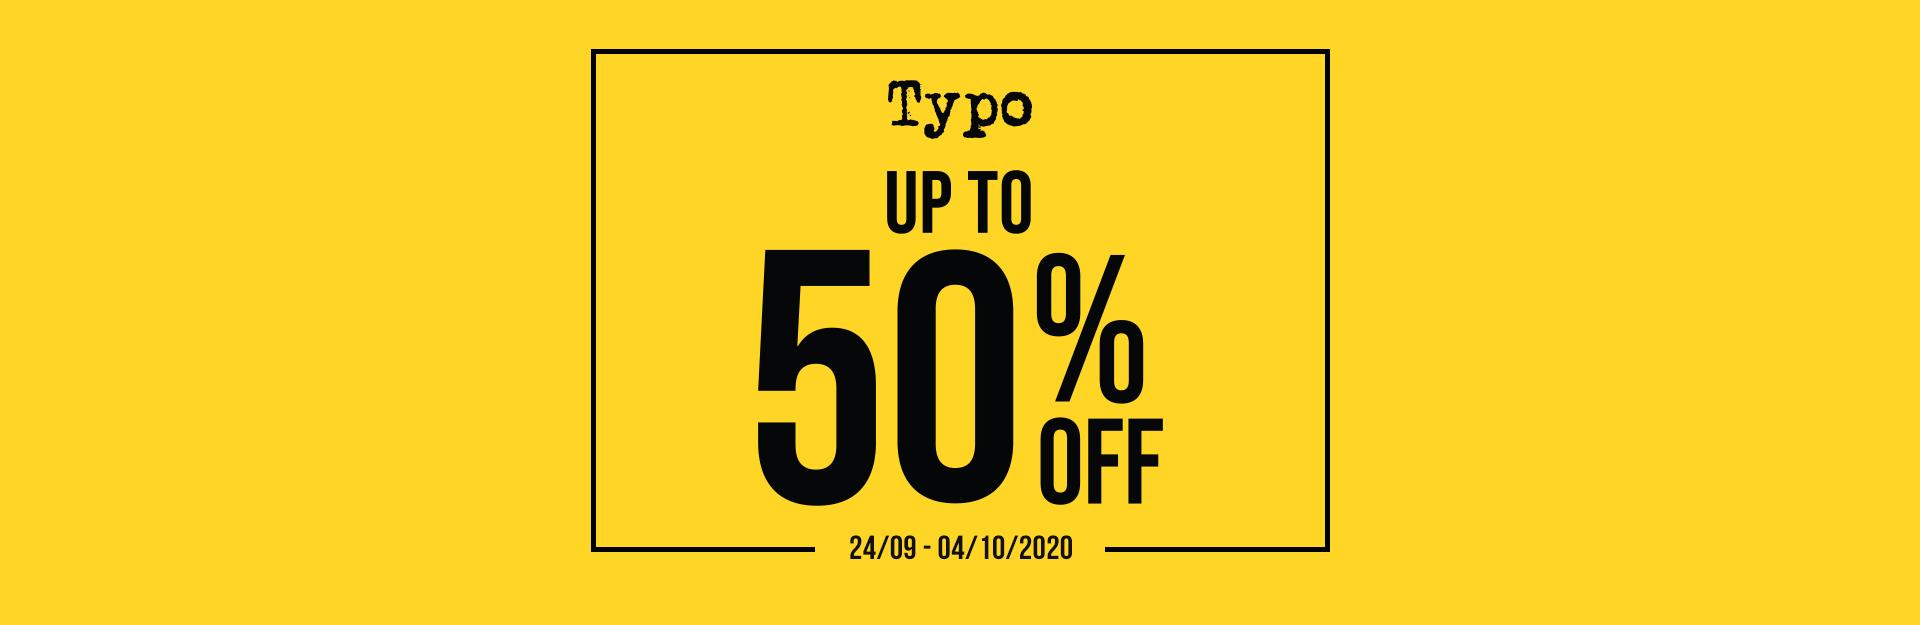 typo-mid-season-sale